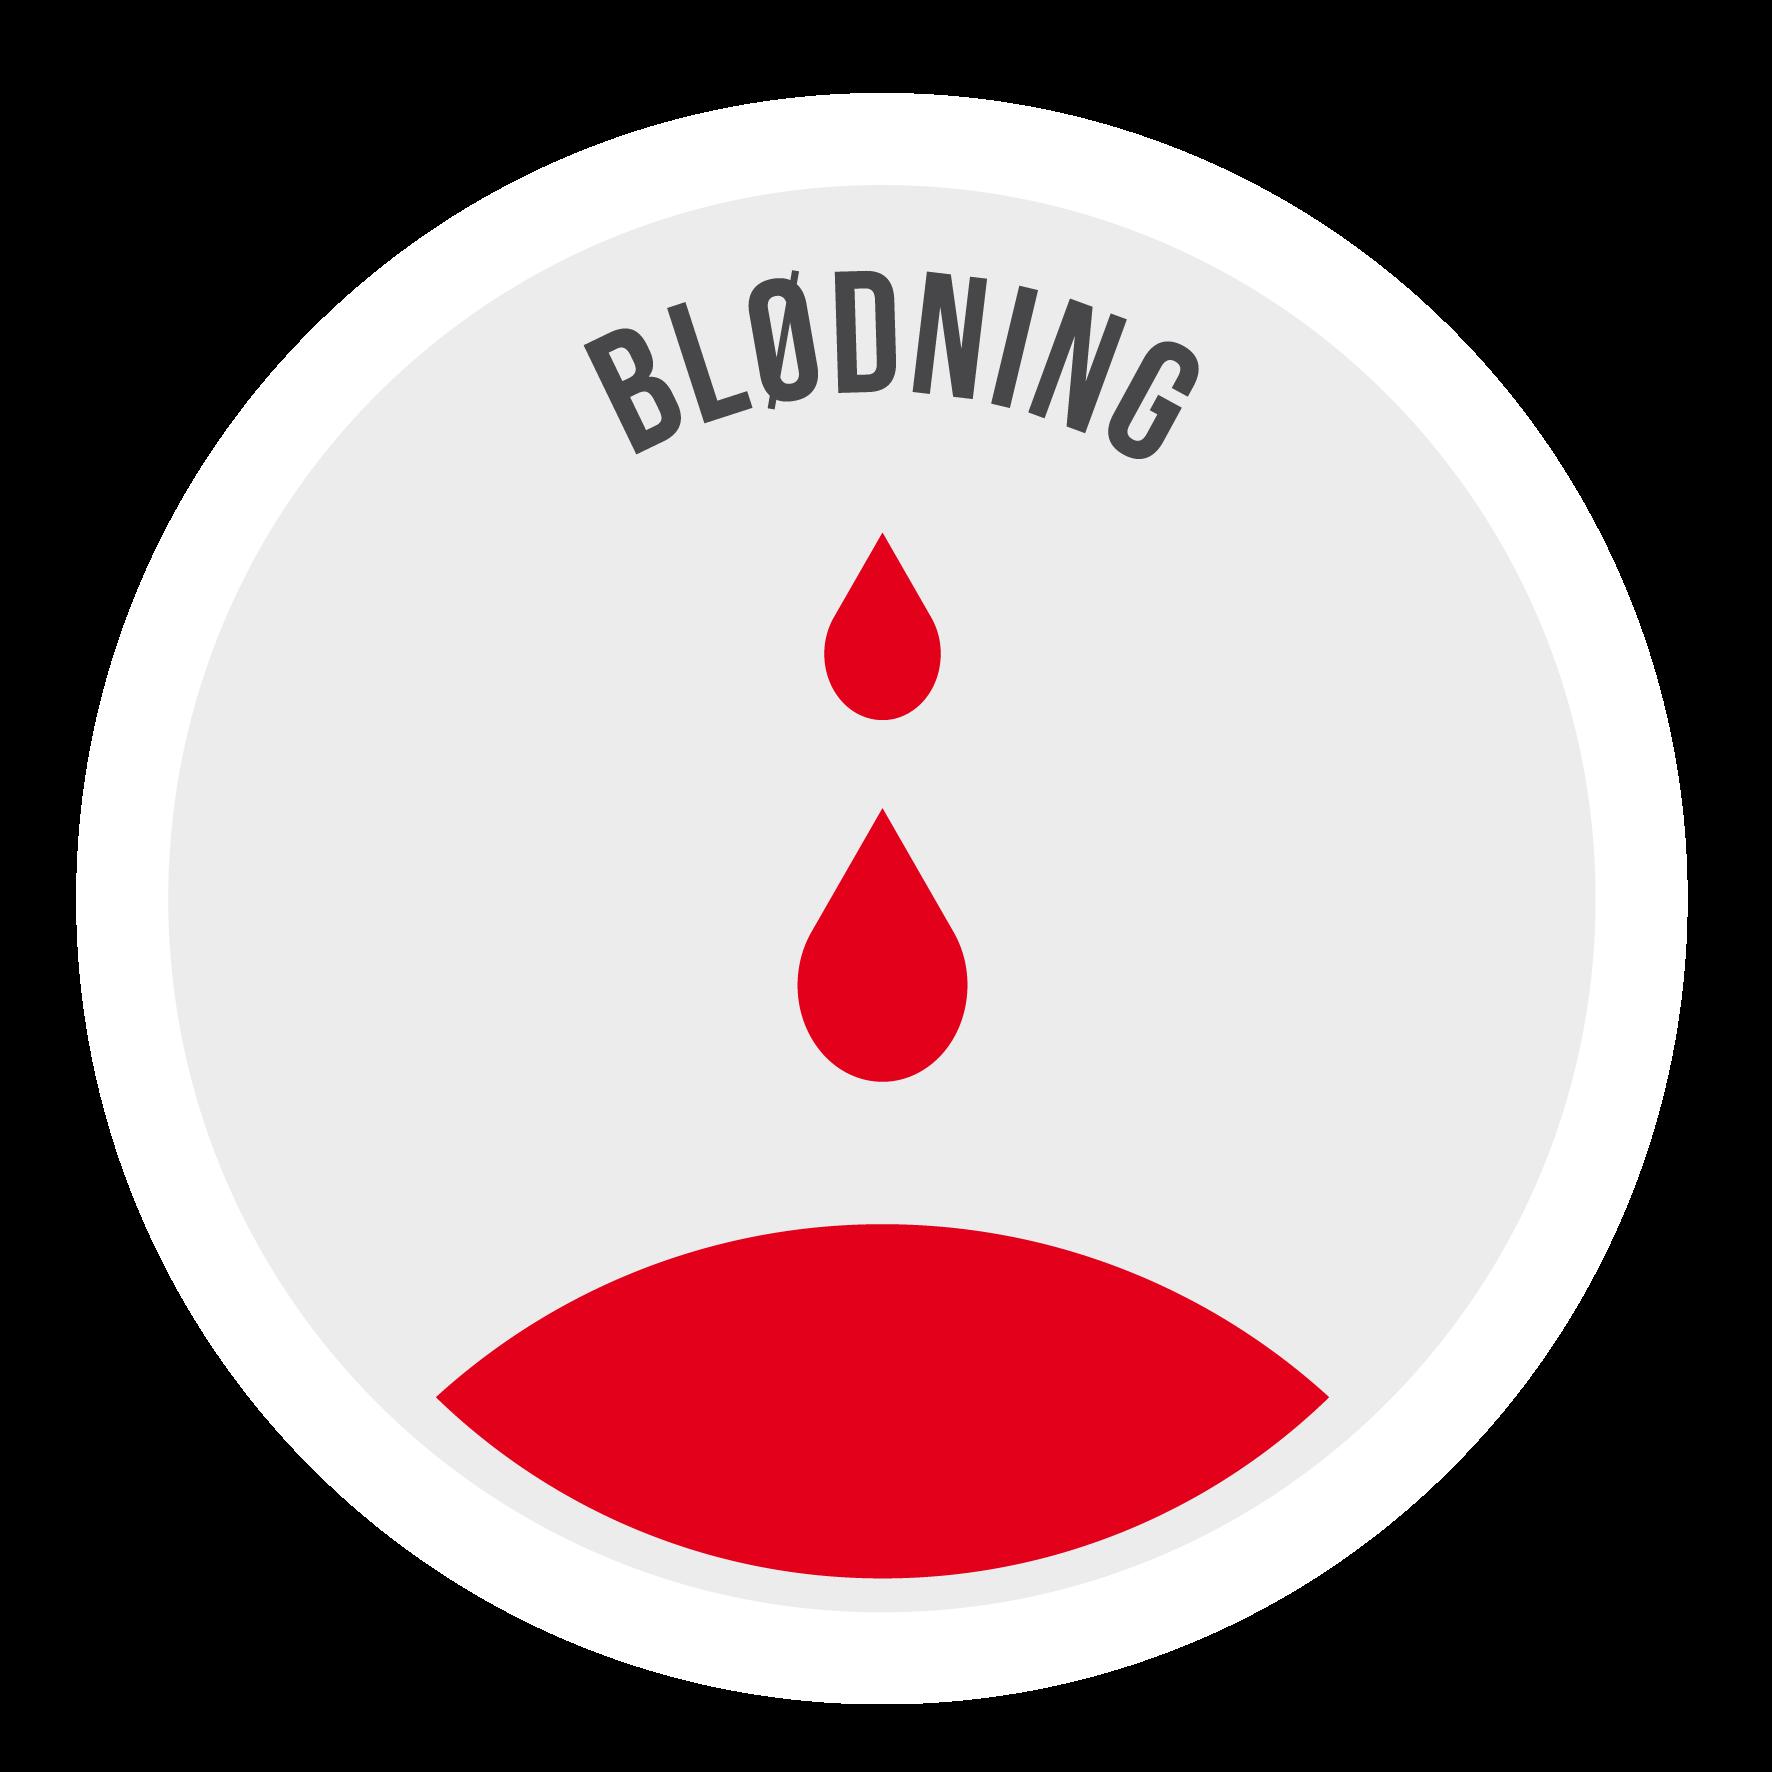 vold blødning efter samleje